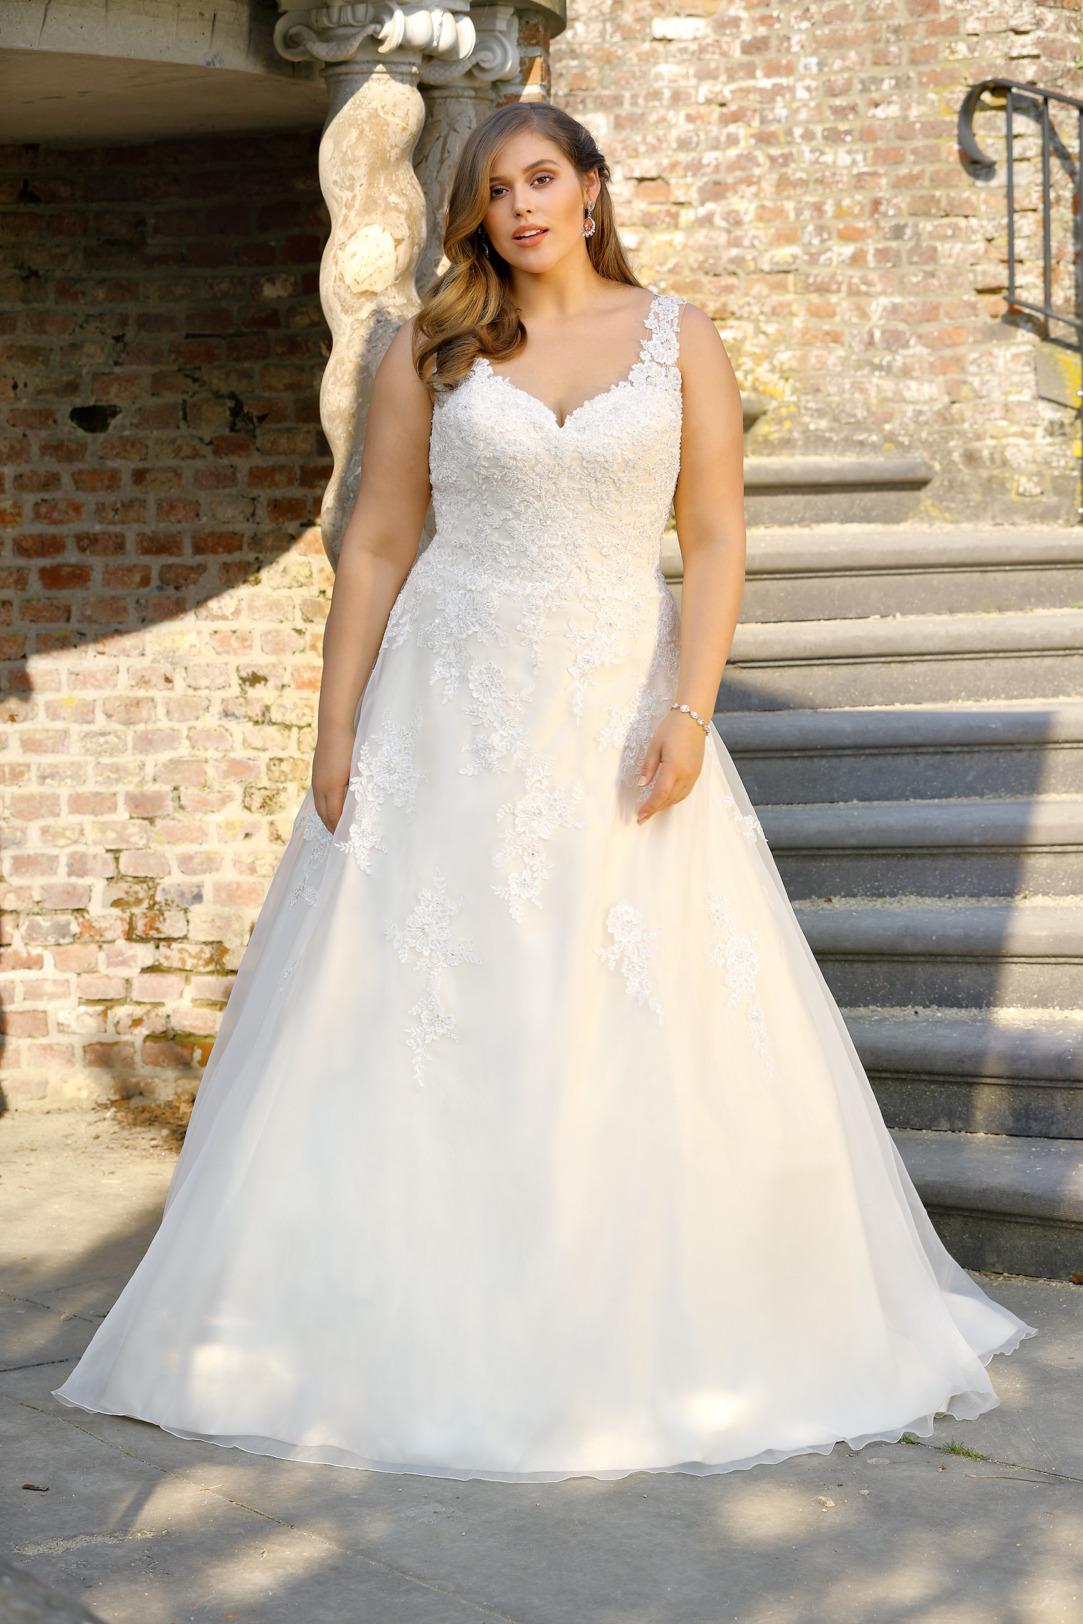 Brautkleider Hochzeitskleider Mode A Linie mit V Ausschnitt Ladybird grosse Grösse plus size Tatoo Spitze Rock mit Schleppe